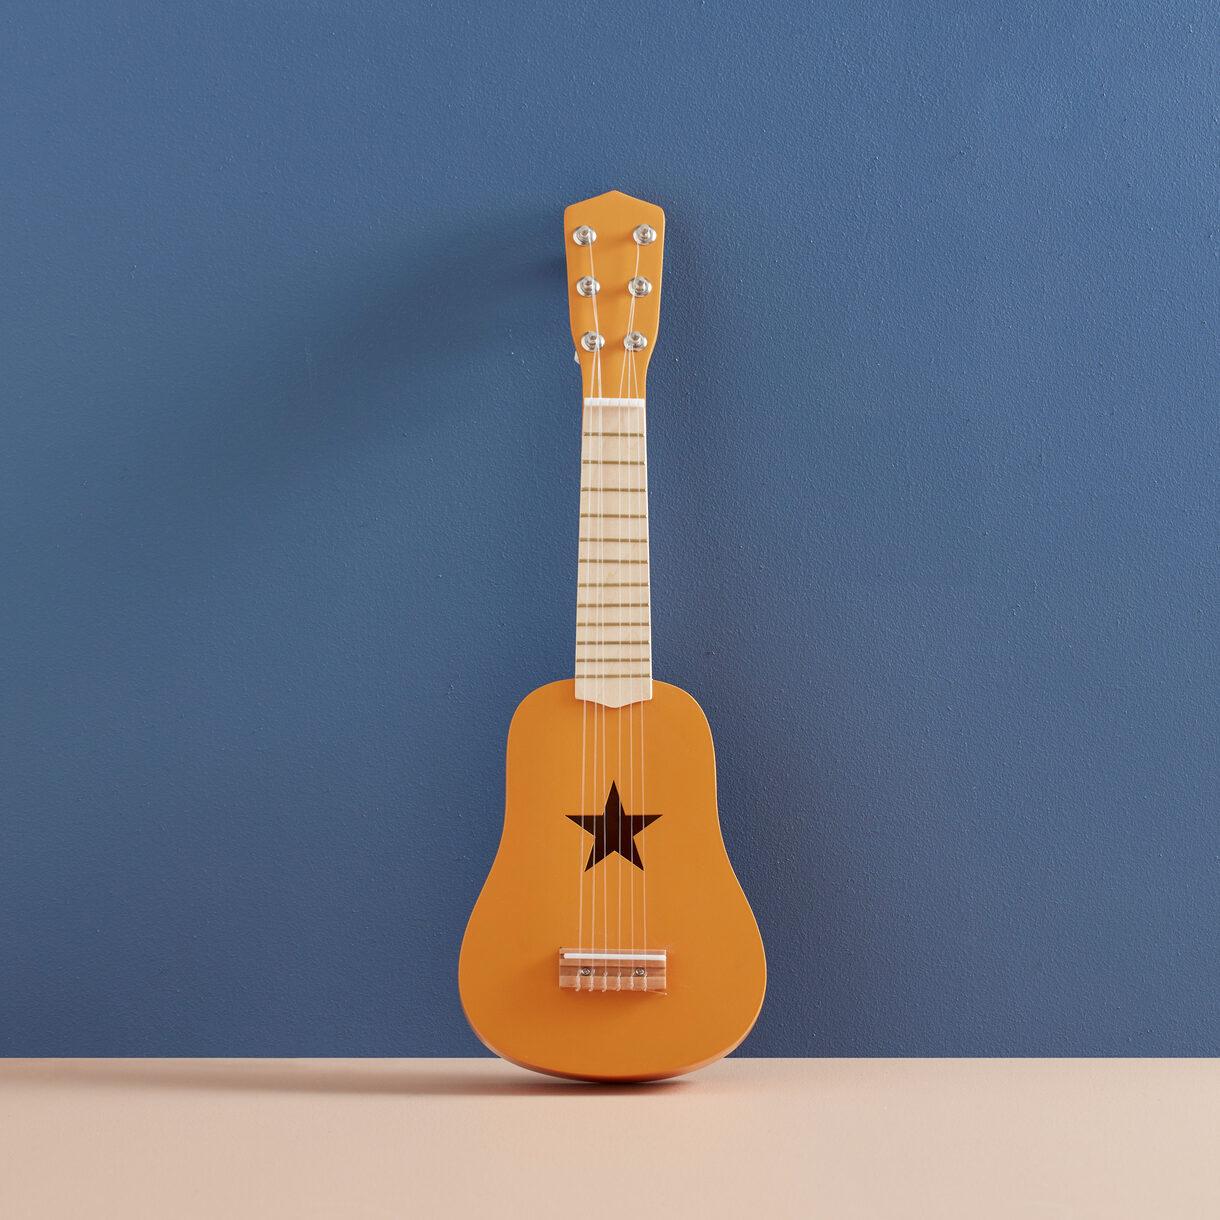 kids concept //木製おもちゃのギター(マスタード)